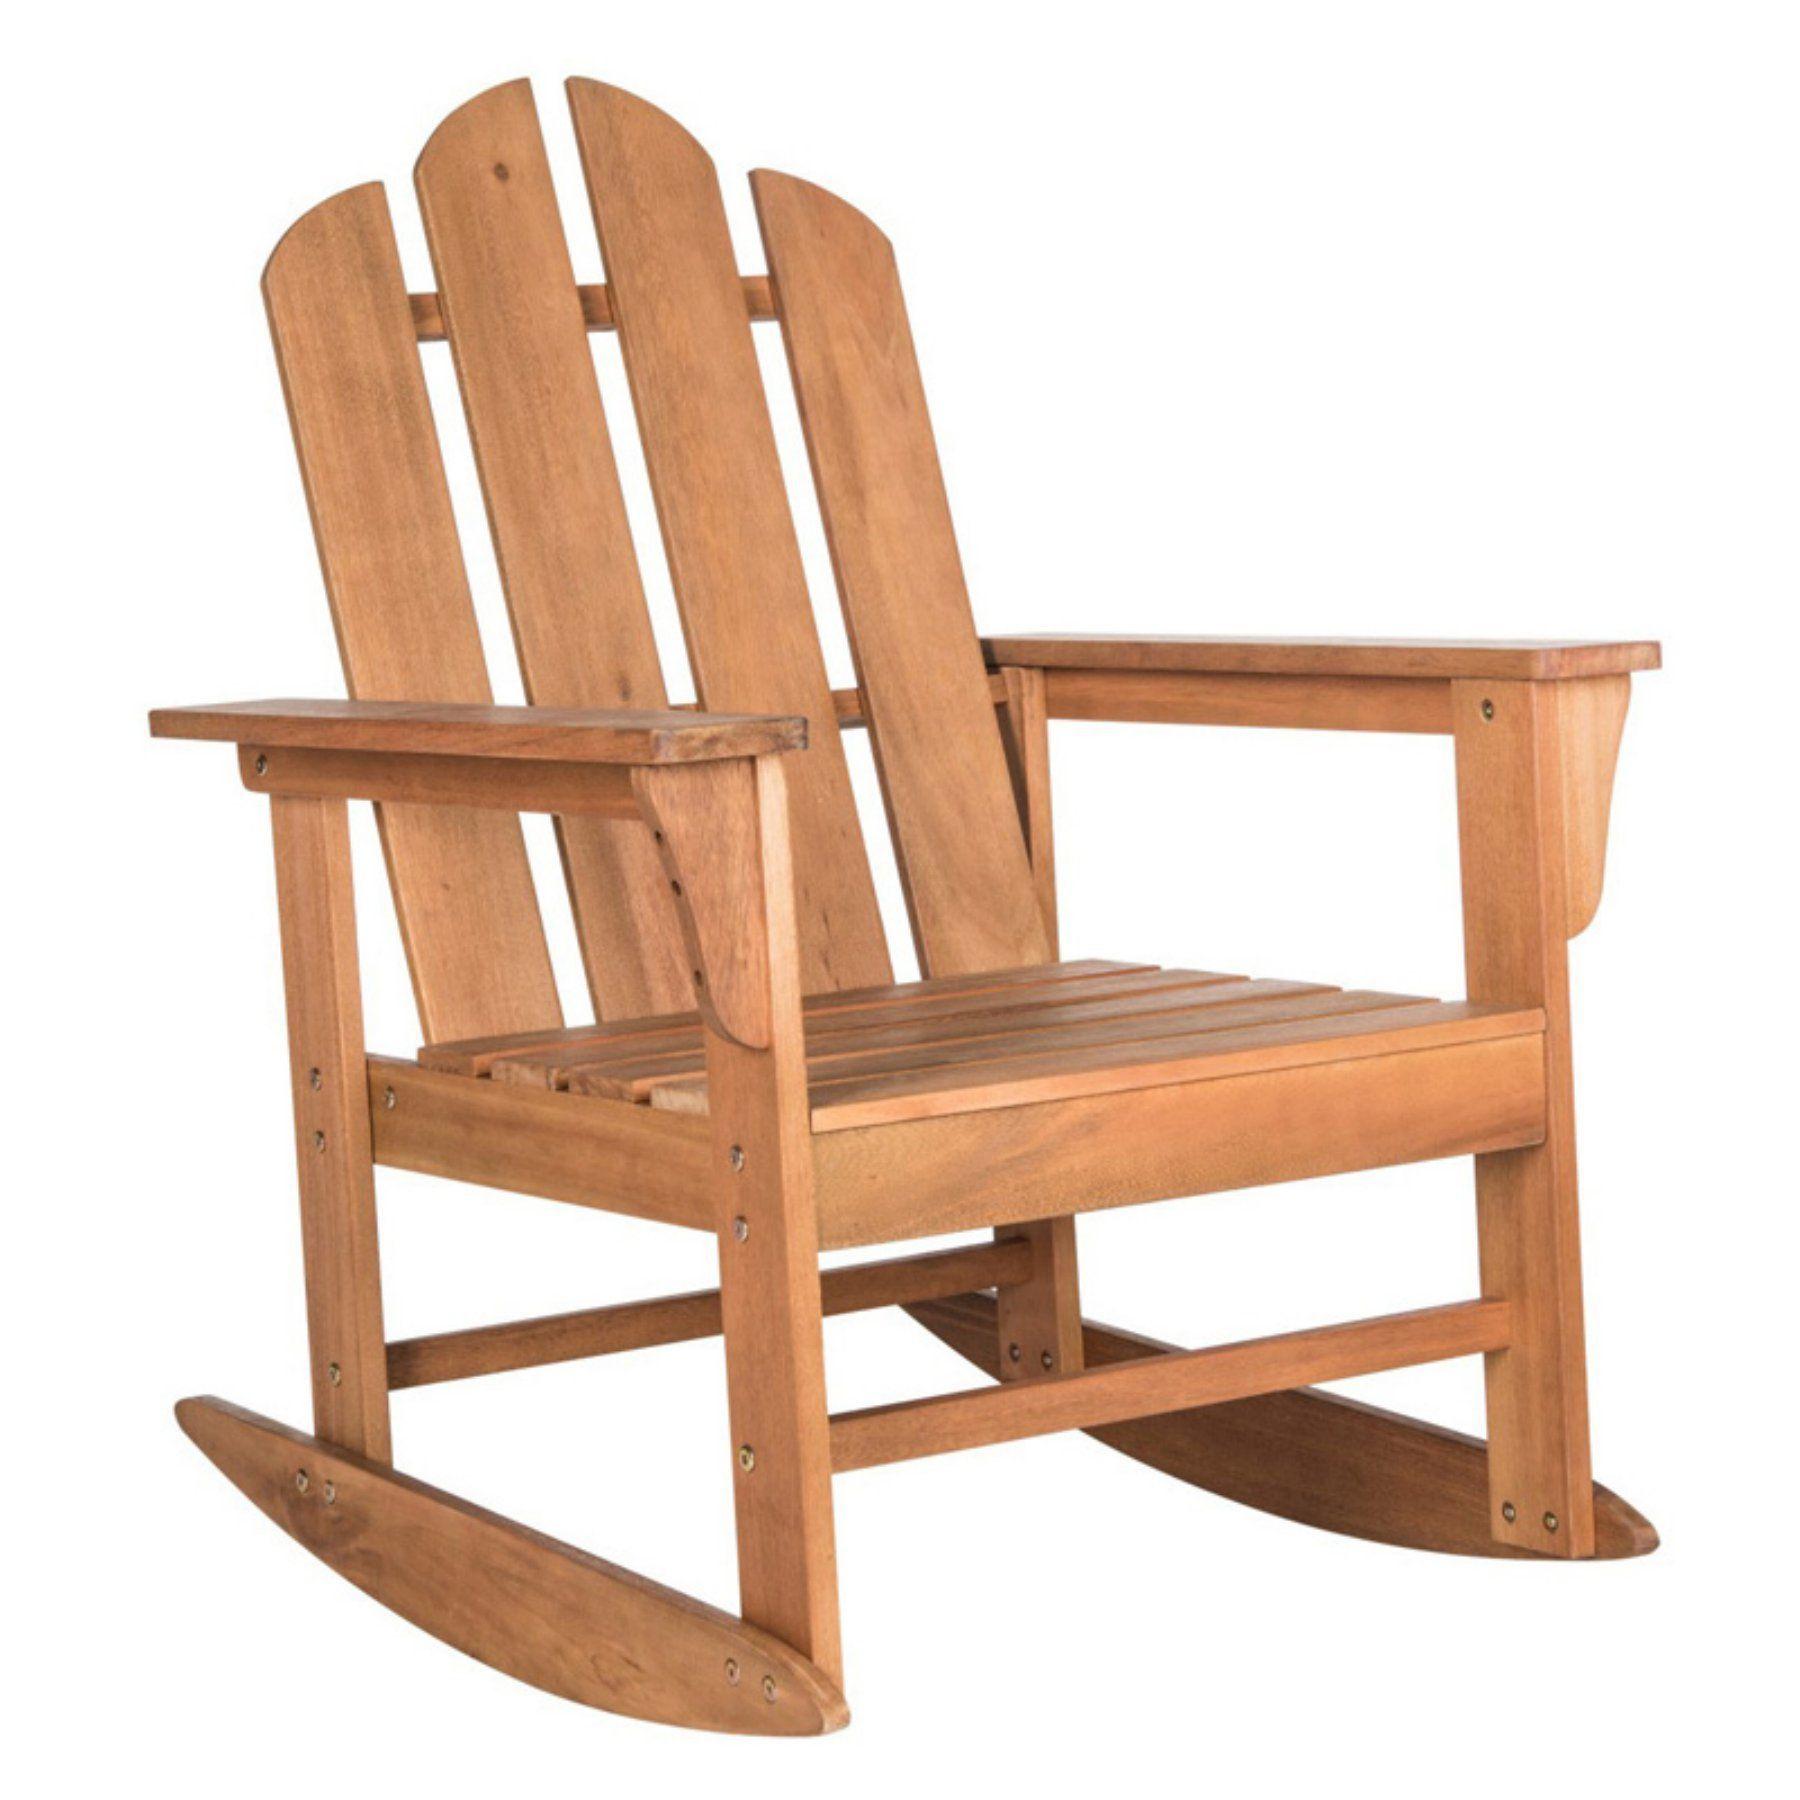 Safavieh Moreno Wood Outdoor Rocking Chair PAT7023C